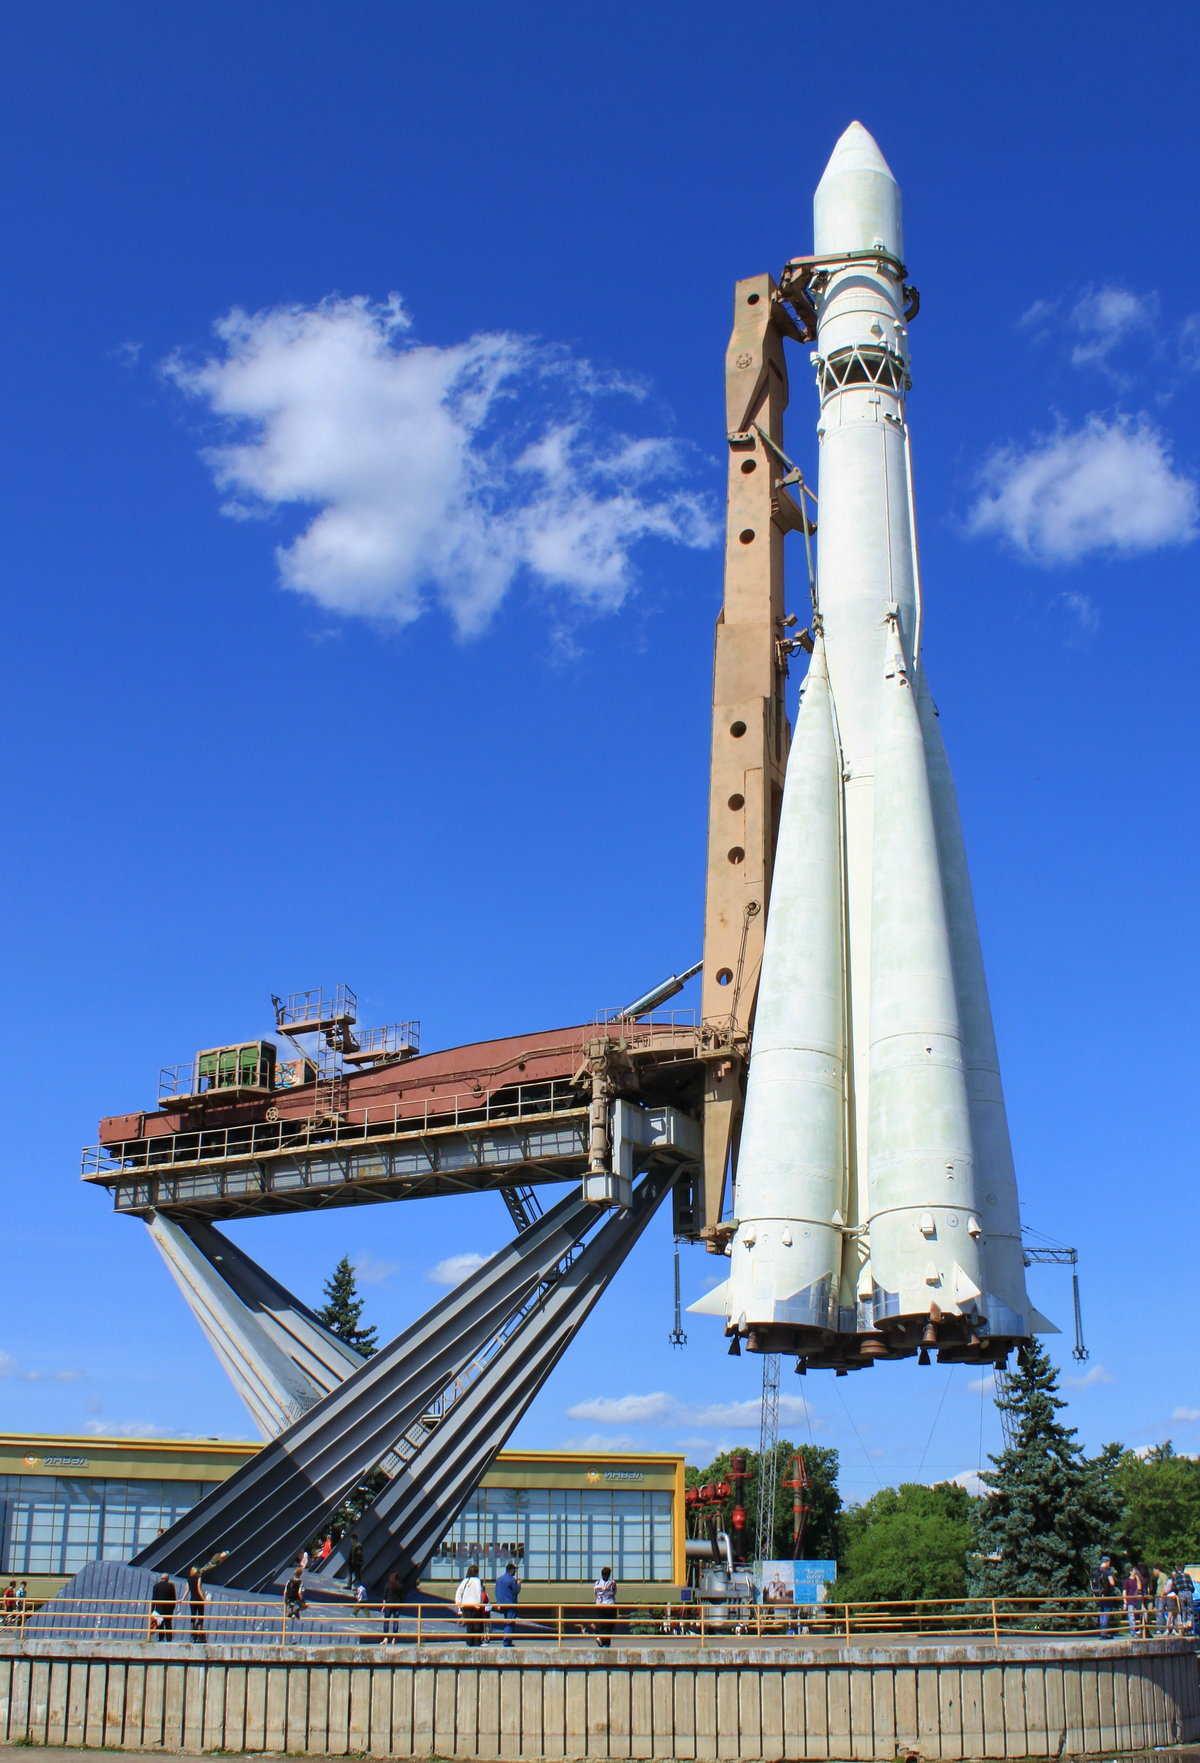 Фото ракеты воевода профессионального